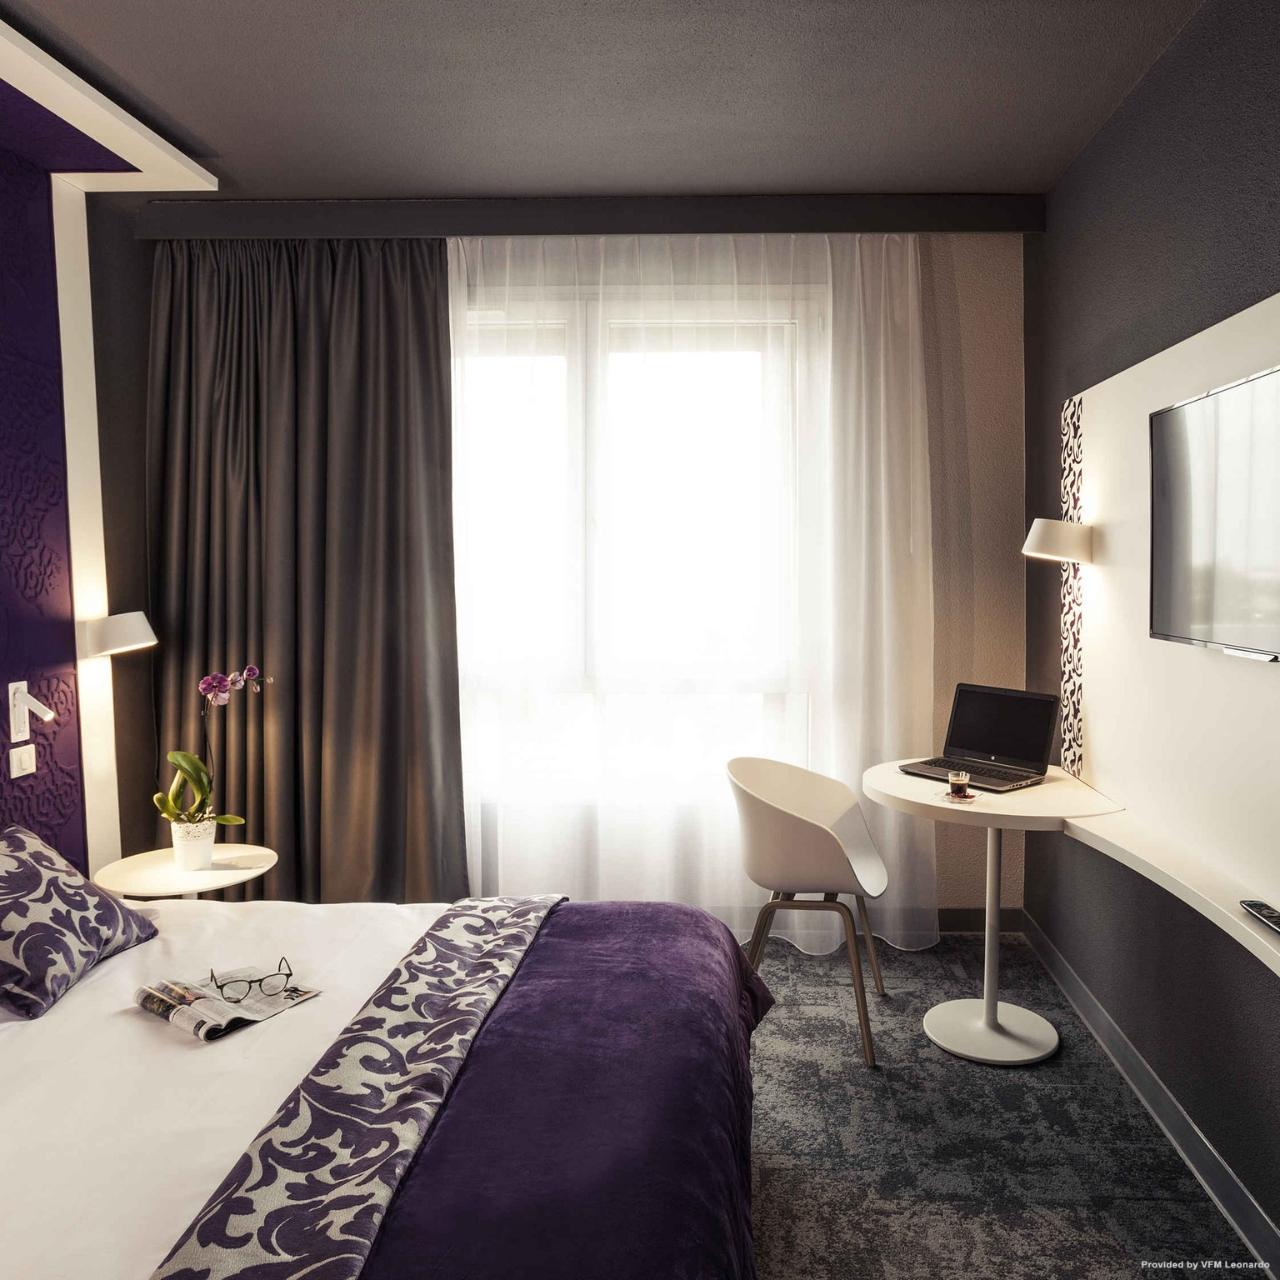 Hotel Mercure La Roche Sur Yon Centre 4 Hrs Star Hotel In La Roche Sur Yon Pays De La Loire